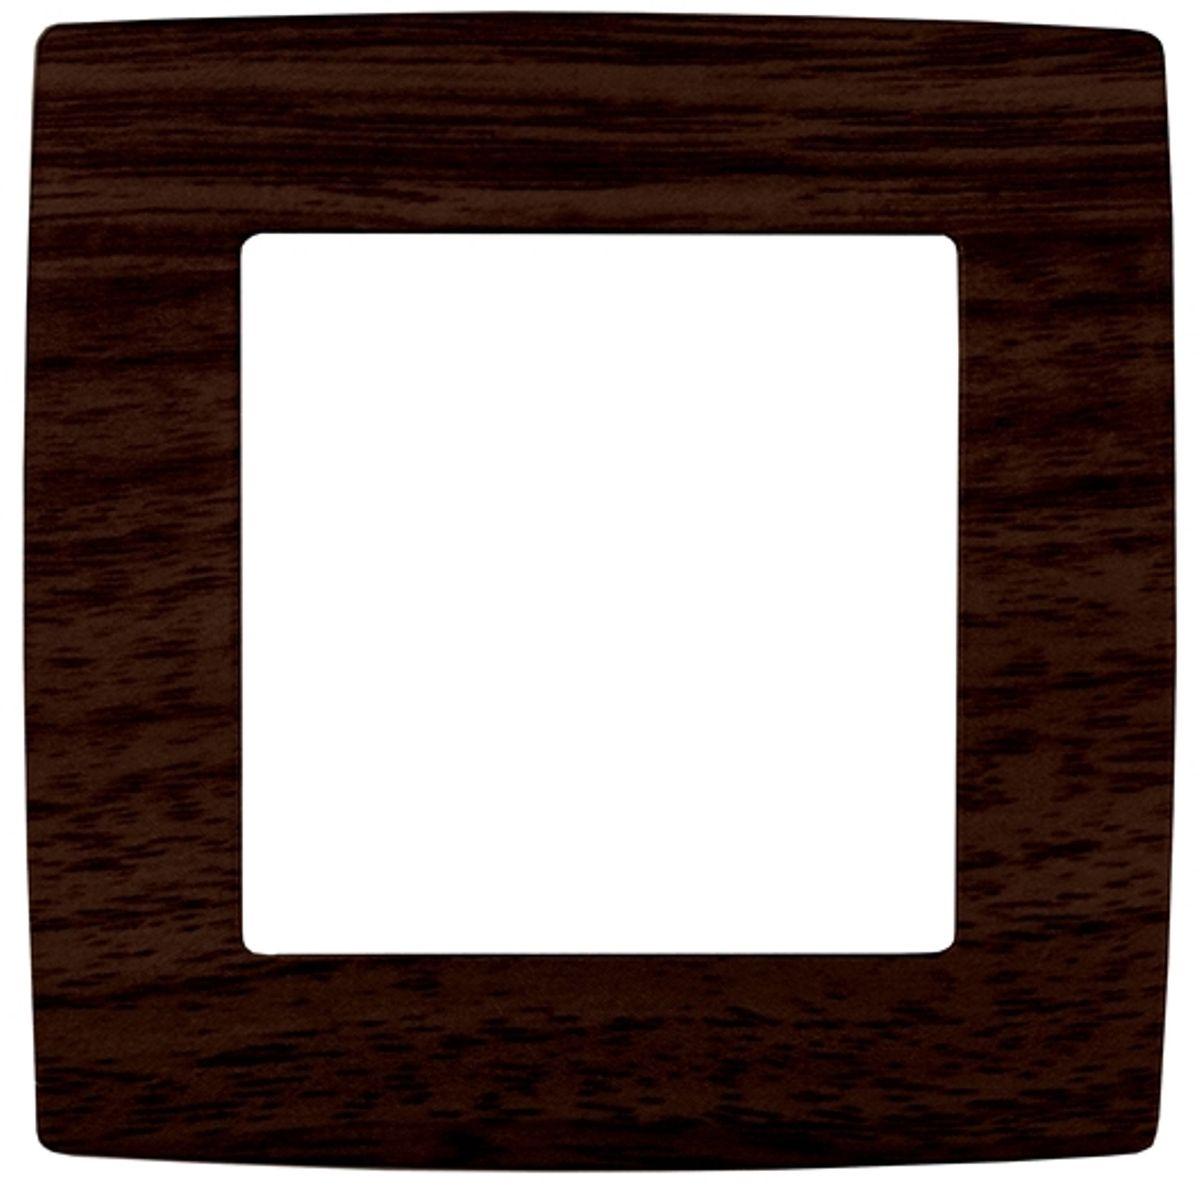 Рамка для встраиваемой розетки Эра, на 1 пост, цвет: венге12-5001-10Рамка Эра выполнена из пластика и используется для окантовки встраиваемой розетки. Рамка отвечает основным требованиям безопасности и удобства монтажа. Современный дизайн и элегантная цветовая гамма подойдут к любому интерьеру. Размер рамки: 8 х 8 х 1 см.